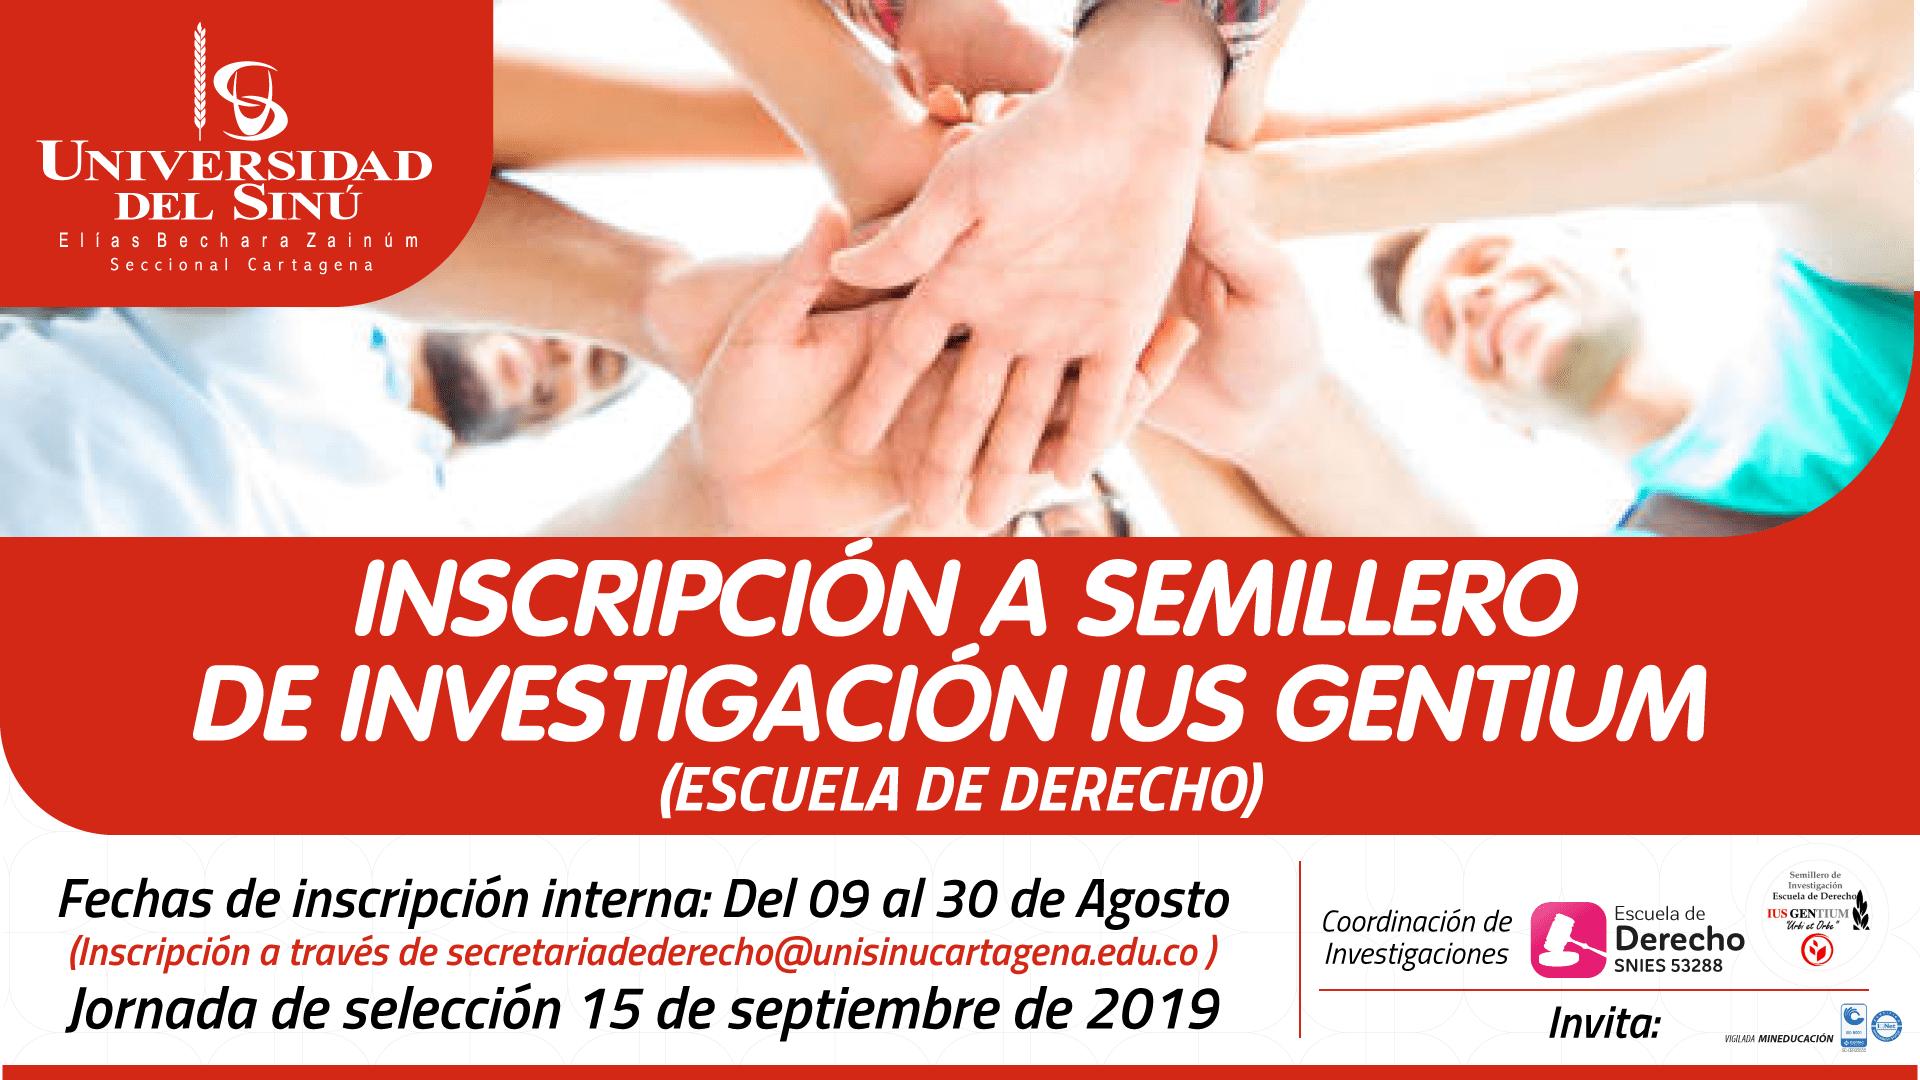 Inscripción-en-Semillero-de-Investigación-IUS-GENTIUM-(Escuela-de–Derecho)